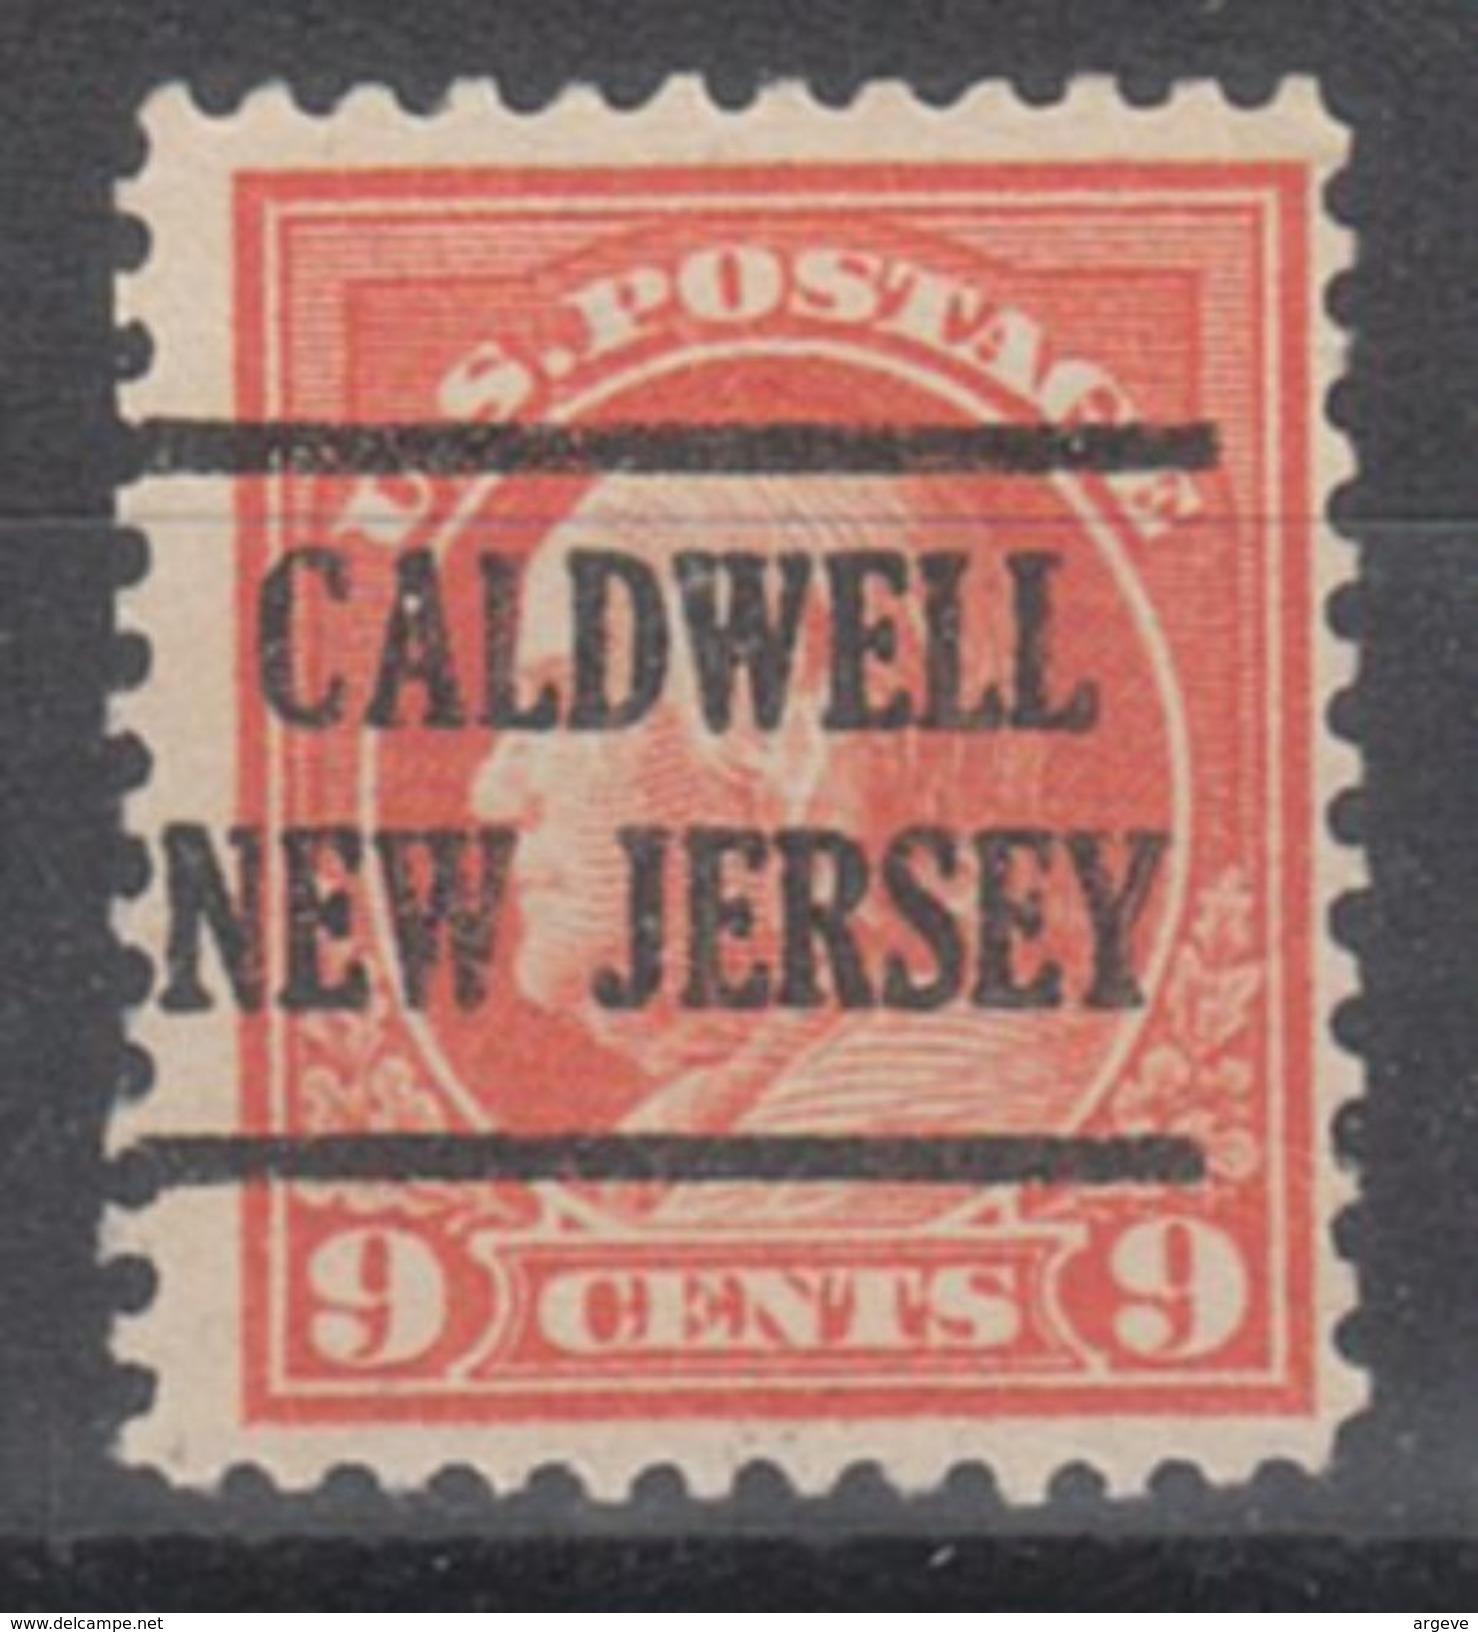 USA Precancel Vorausentwertungen Preo, Locals New Jersey, Caldwell 225, Perf. 11x11 - Vereinigte Staaten